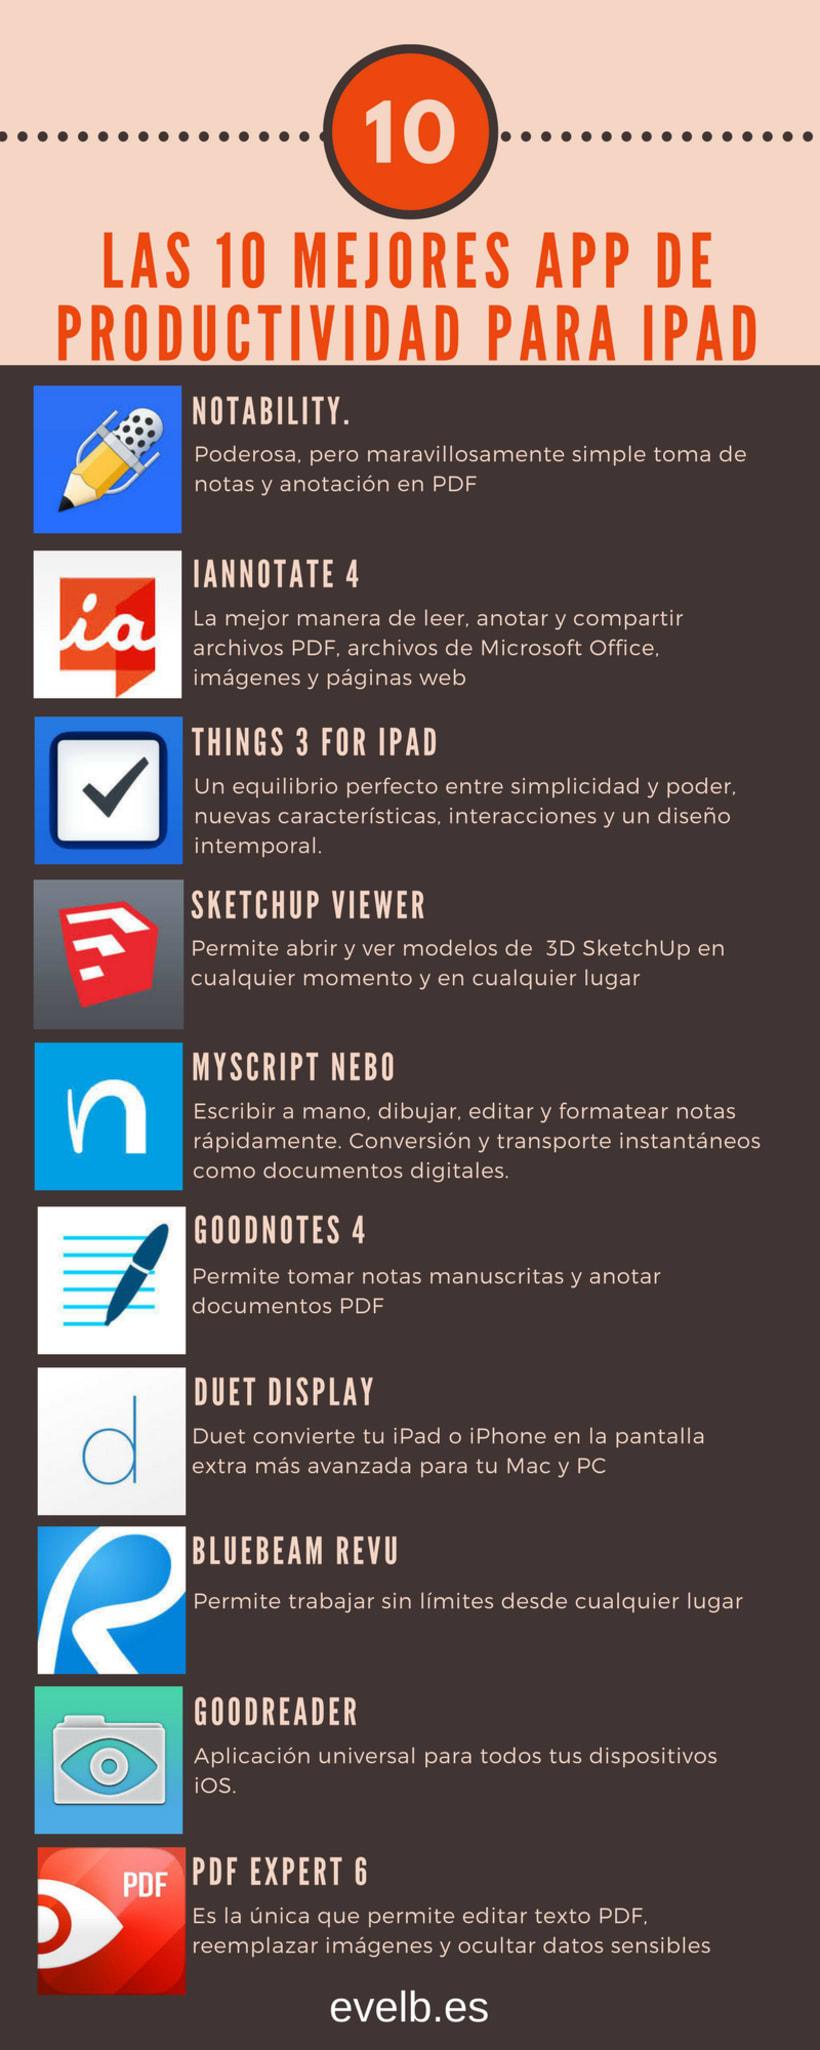 Infografías evelb.es 40